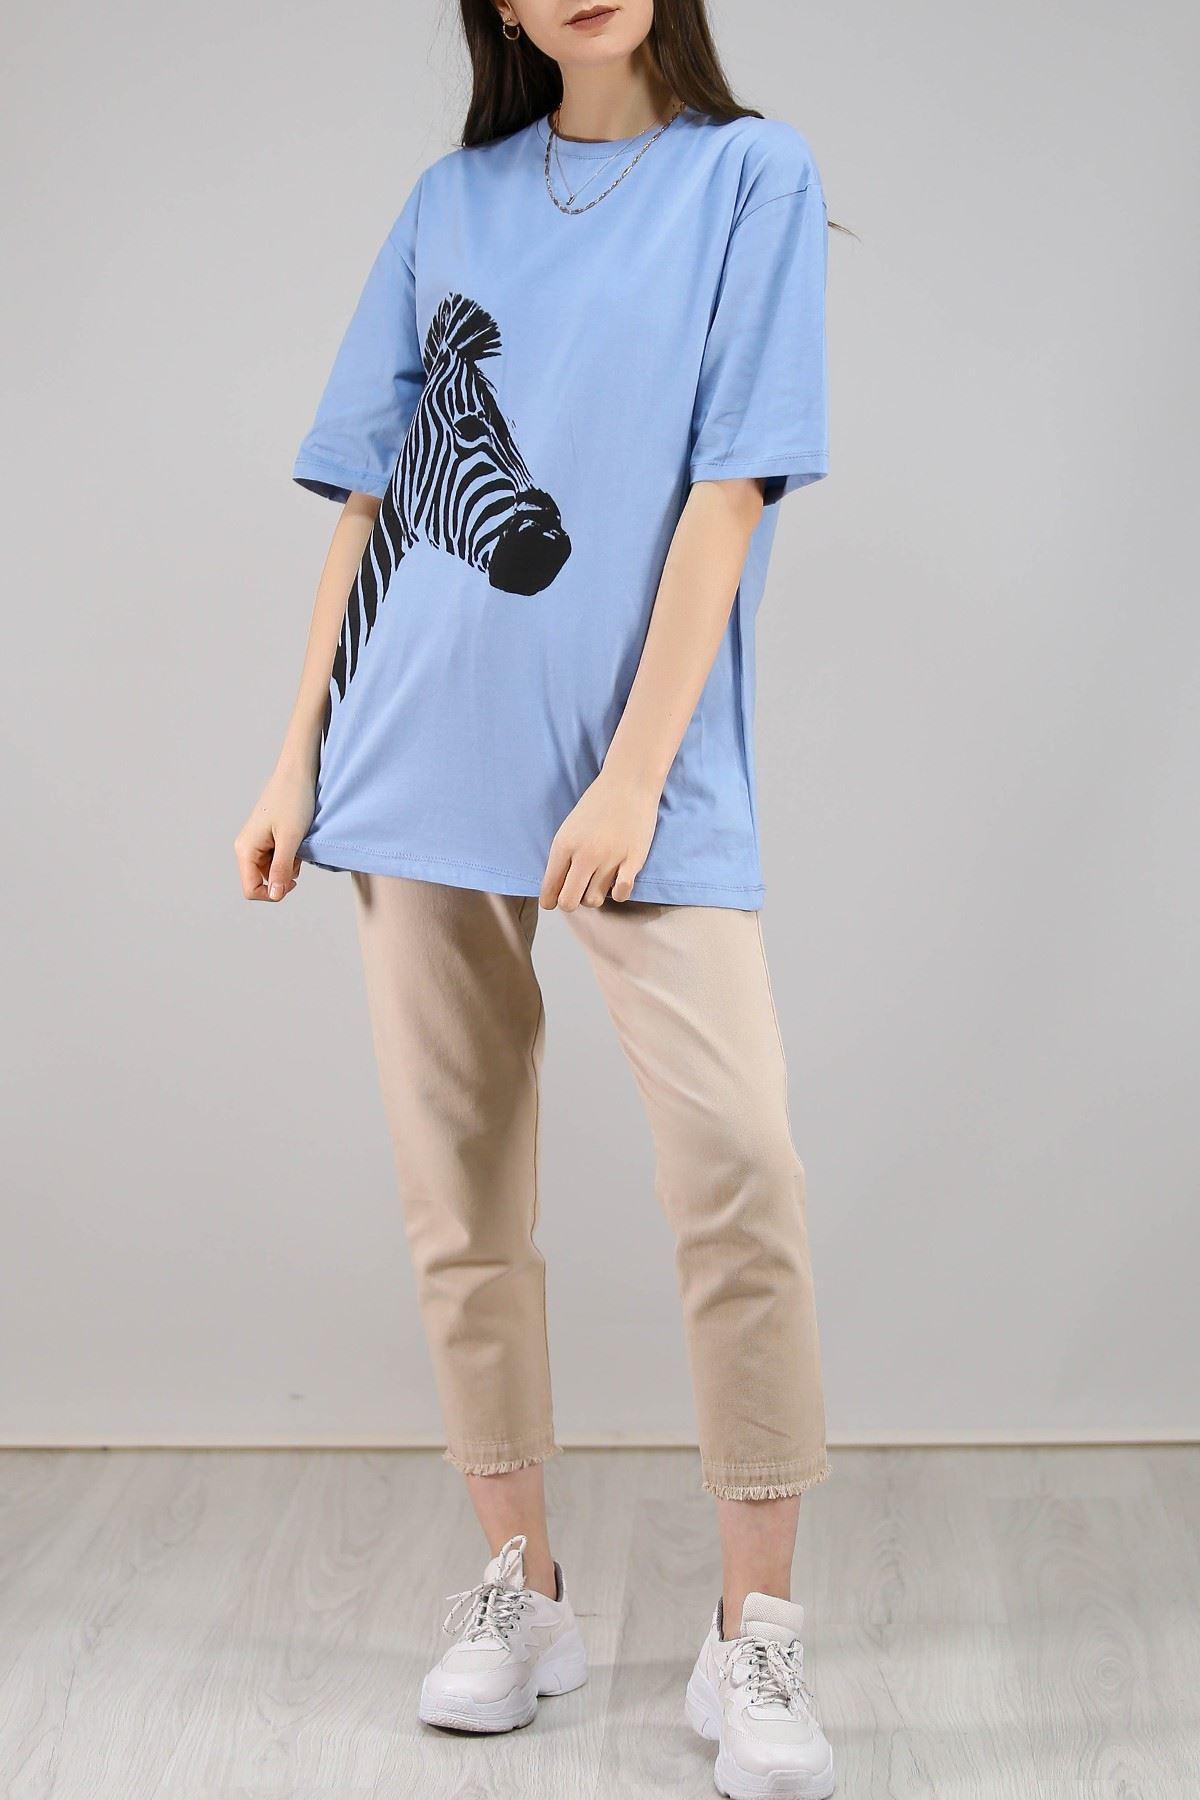 Zebra Baskılı Tişört Bebemavi - 3643.222.